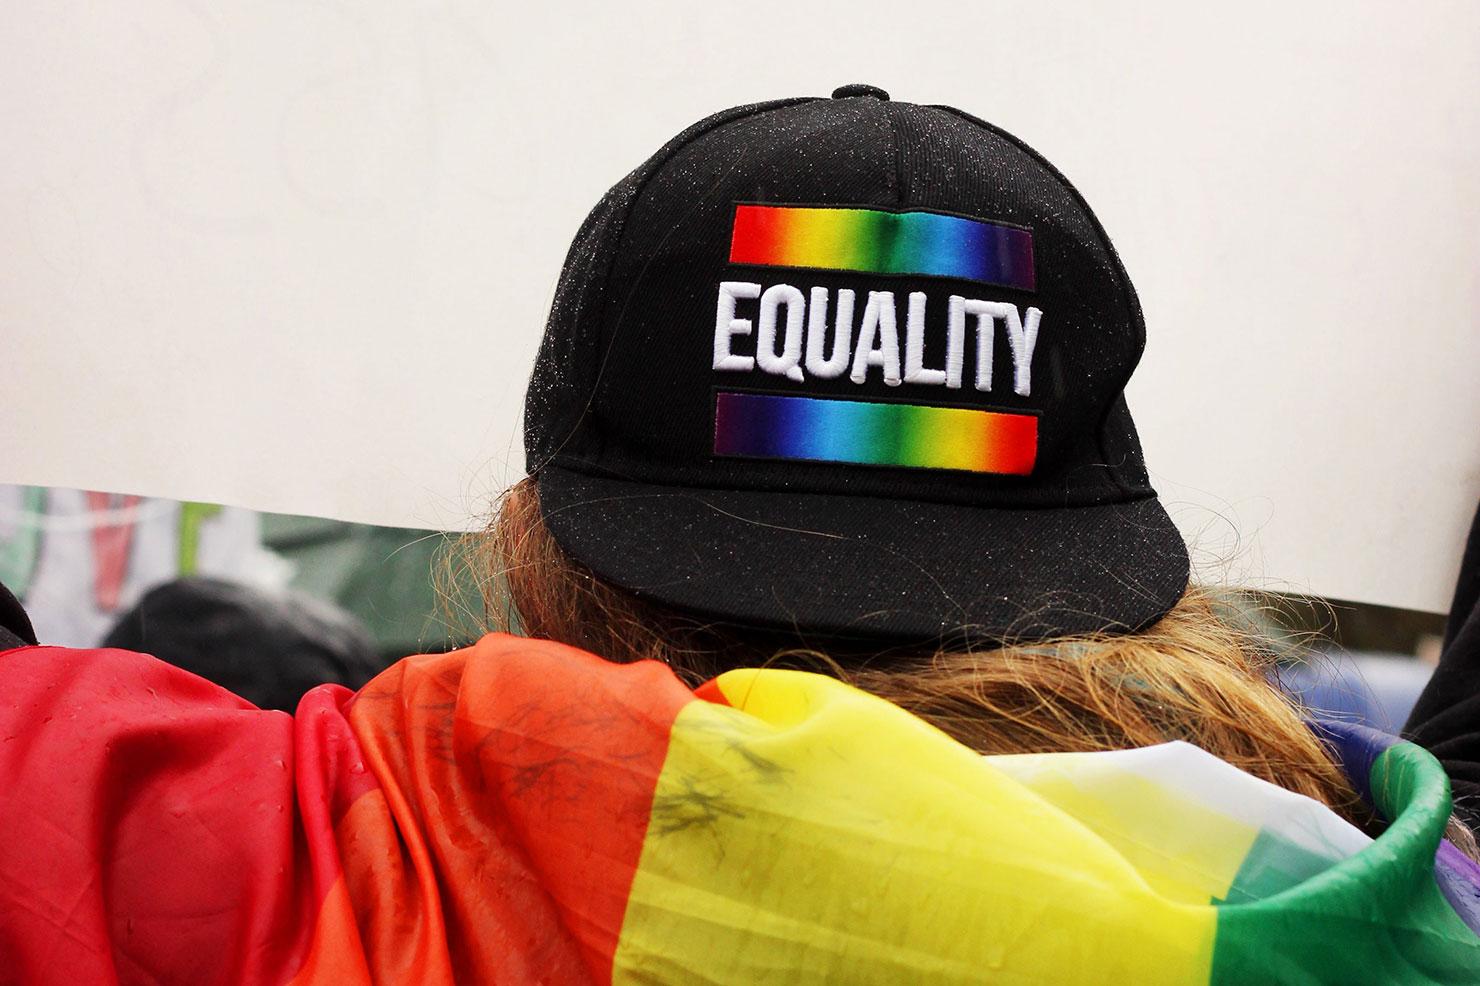 """Eine Person hat eine Regenbogenfahne umgehängt und steht mit dem Rücken zur Kamera. Sie trägt eine schwarze Kappe auf der in regenbogenfarben steht """"Equality""""."""